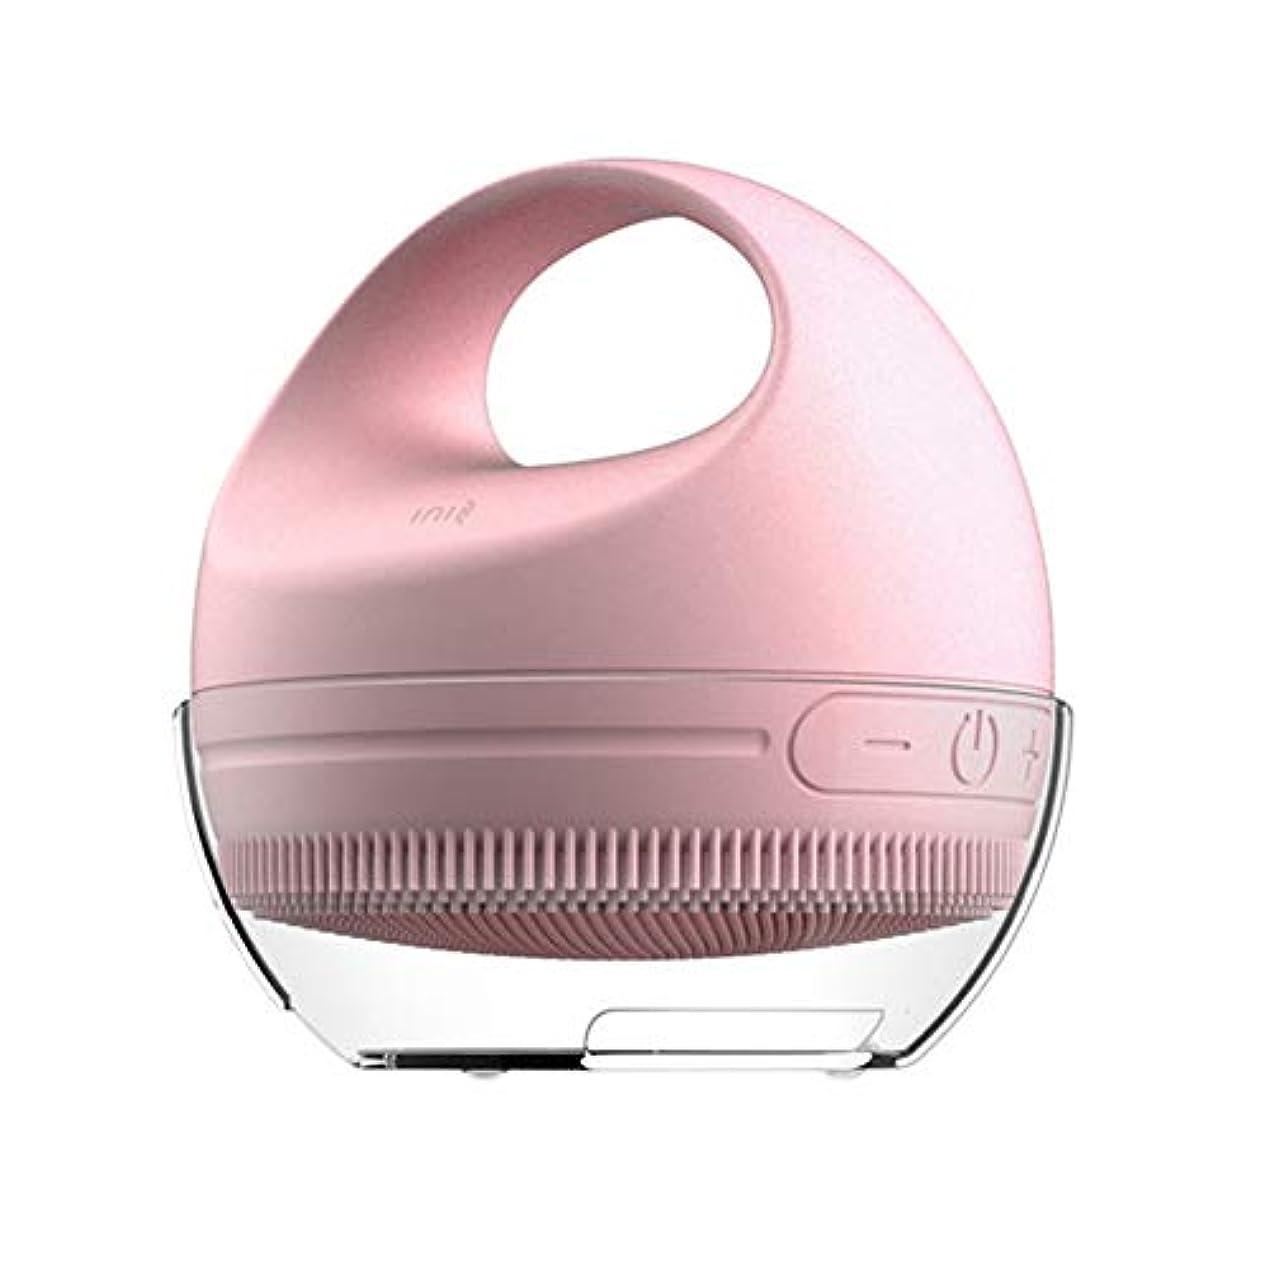 枠演劇明確に電気暖かい/振動シリコーンフェイスクレンザーとマッサージブラシをアップグレードしてください自己乾燥技術を使って、滑り止めのハンドル、インテリジェントなタイミング、防水IPX6、1200 mAhバッテリ,Pink